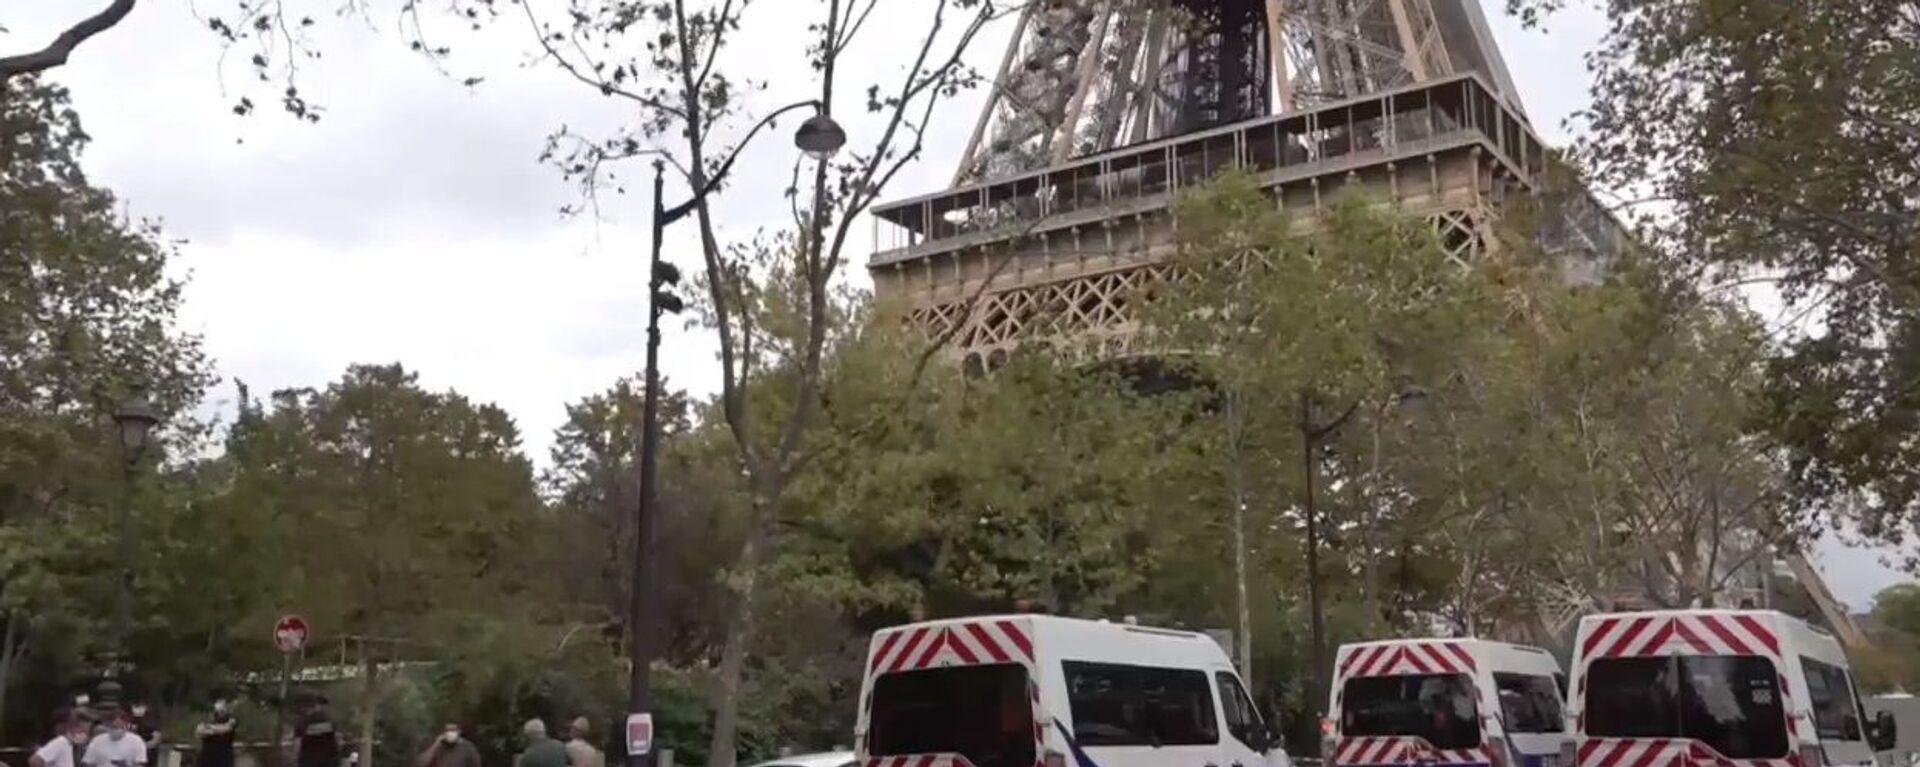 Evacuata la Tour Eiffel: allarme bomba - Sputnik Italia, 1920, 22.09.2021